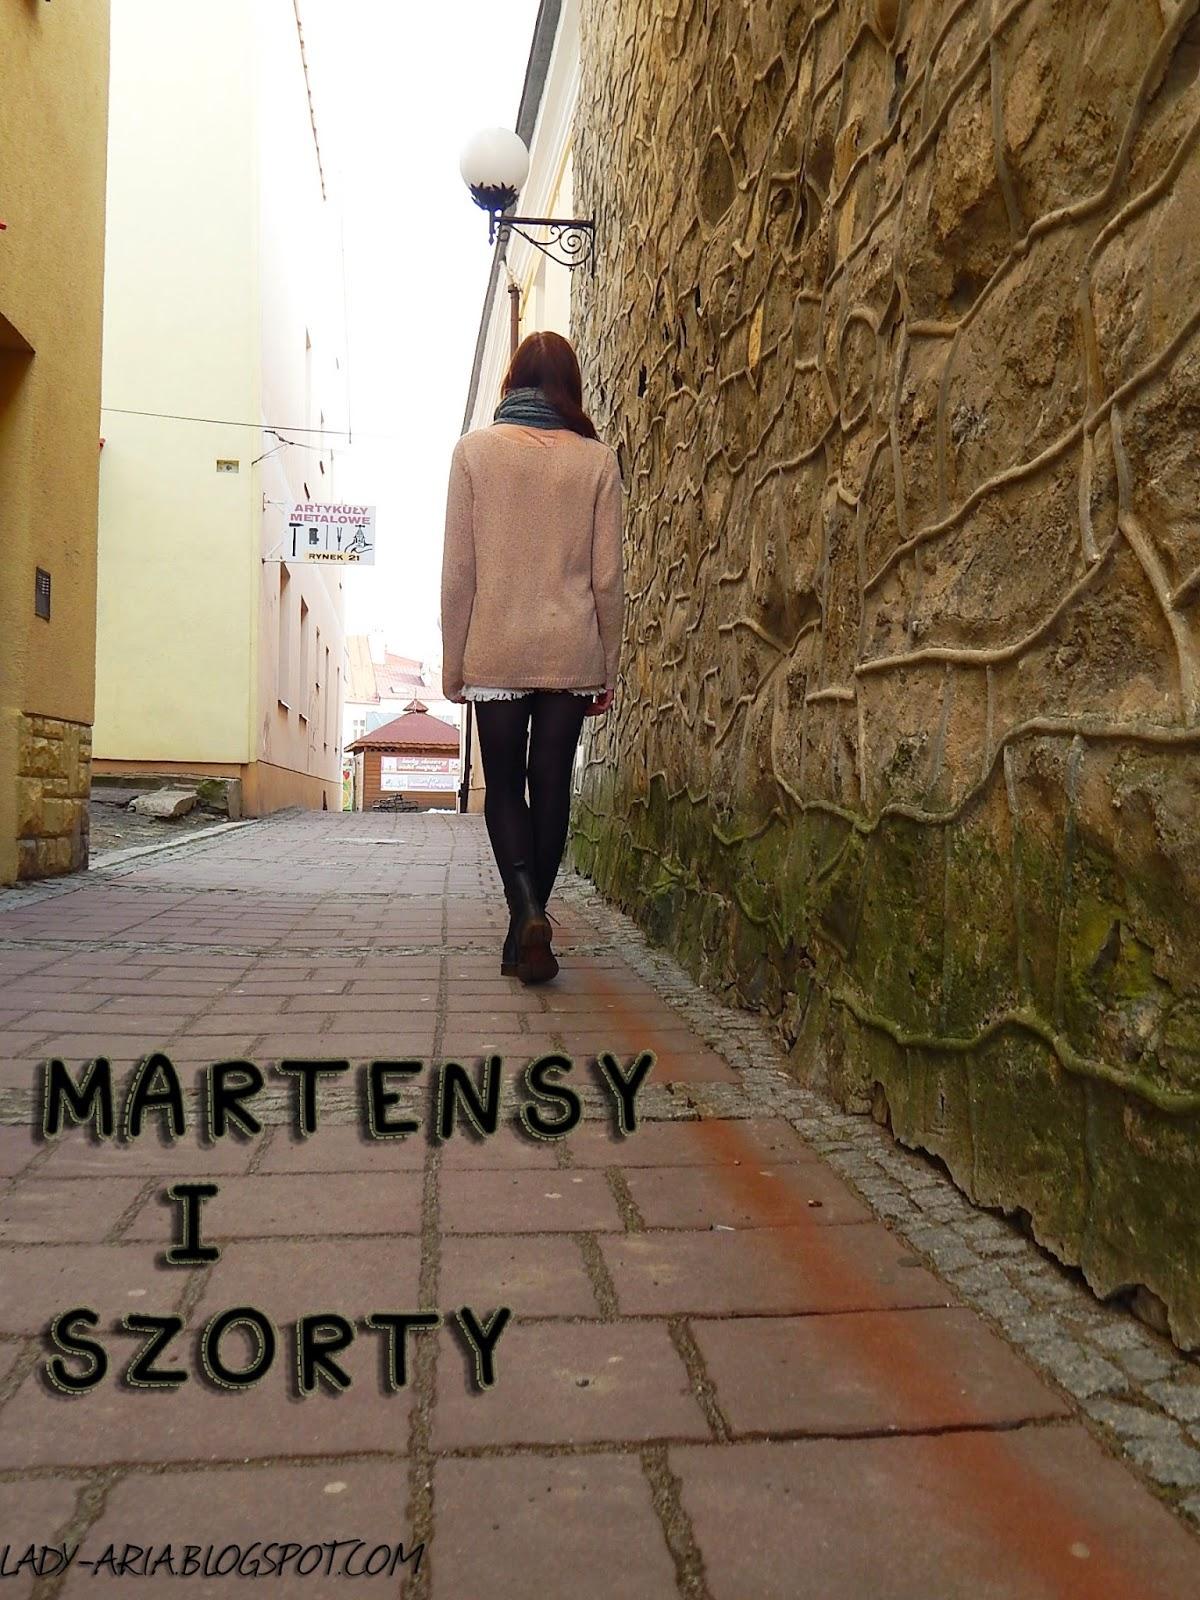 ~84 Martensy i szorty